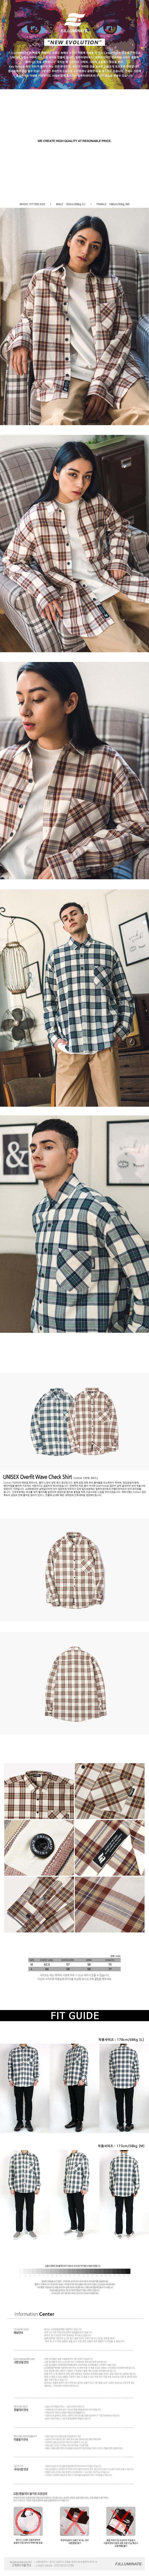 필루미네이트(FILLUMINATE) 유니섹스 오버핏 웨이브 체크 셔츠-브라운